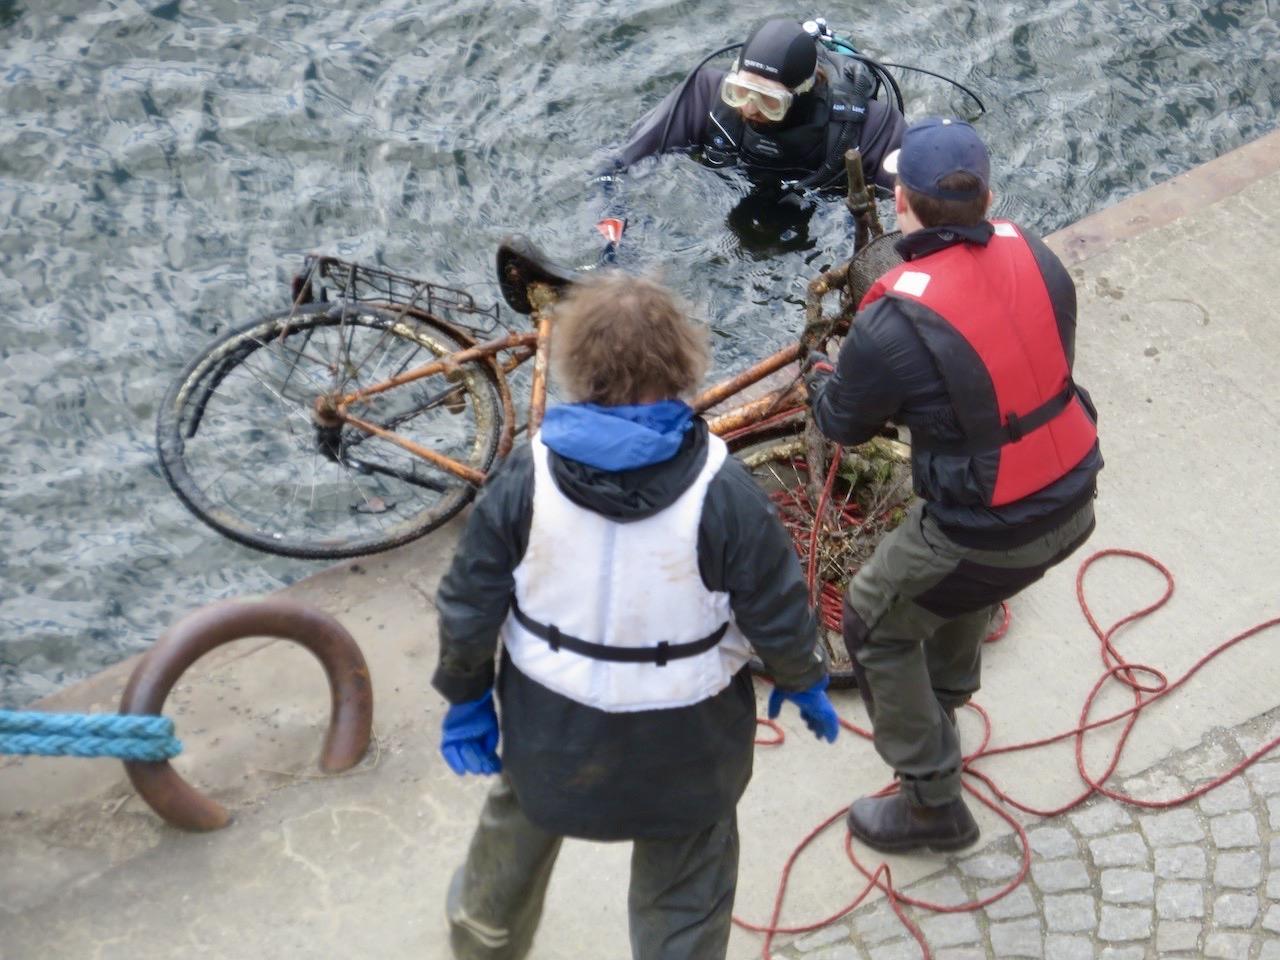 Med hjälp av zoomen så var jag med på nära håll. Dykaren kom upp med en cykel.